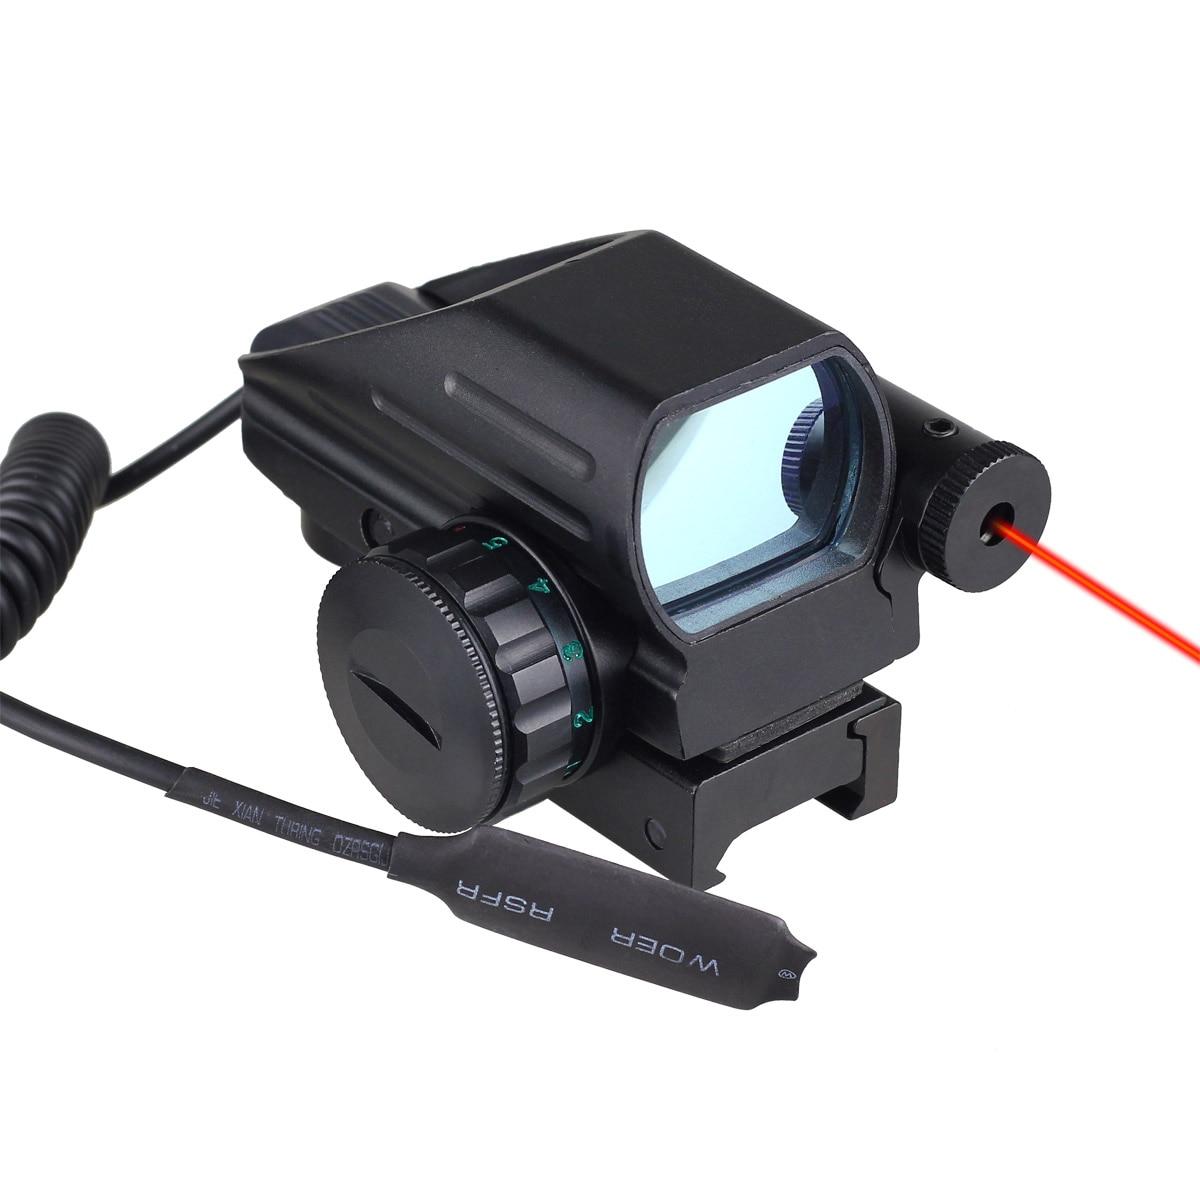 Голографическая лазерный прицел рефлекс 4 Красный Зеленая точка прицел Пикатинни 20 мм для АР винтовка 12GA дробовик страйкбол охота